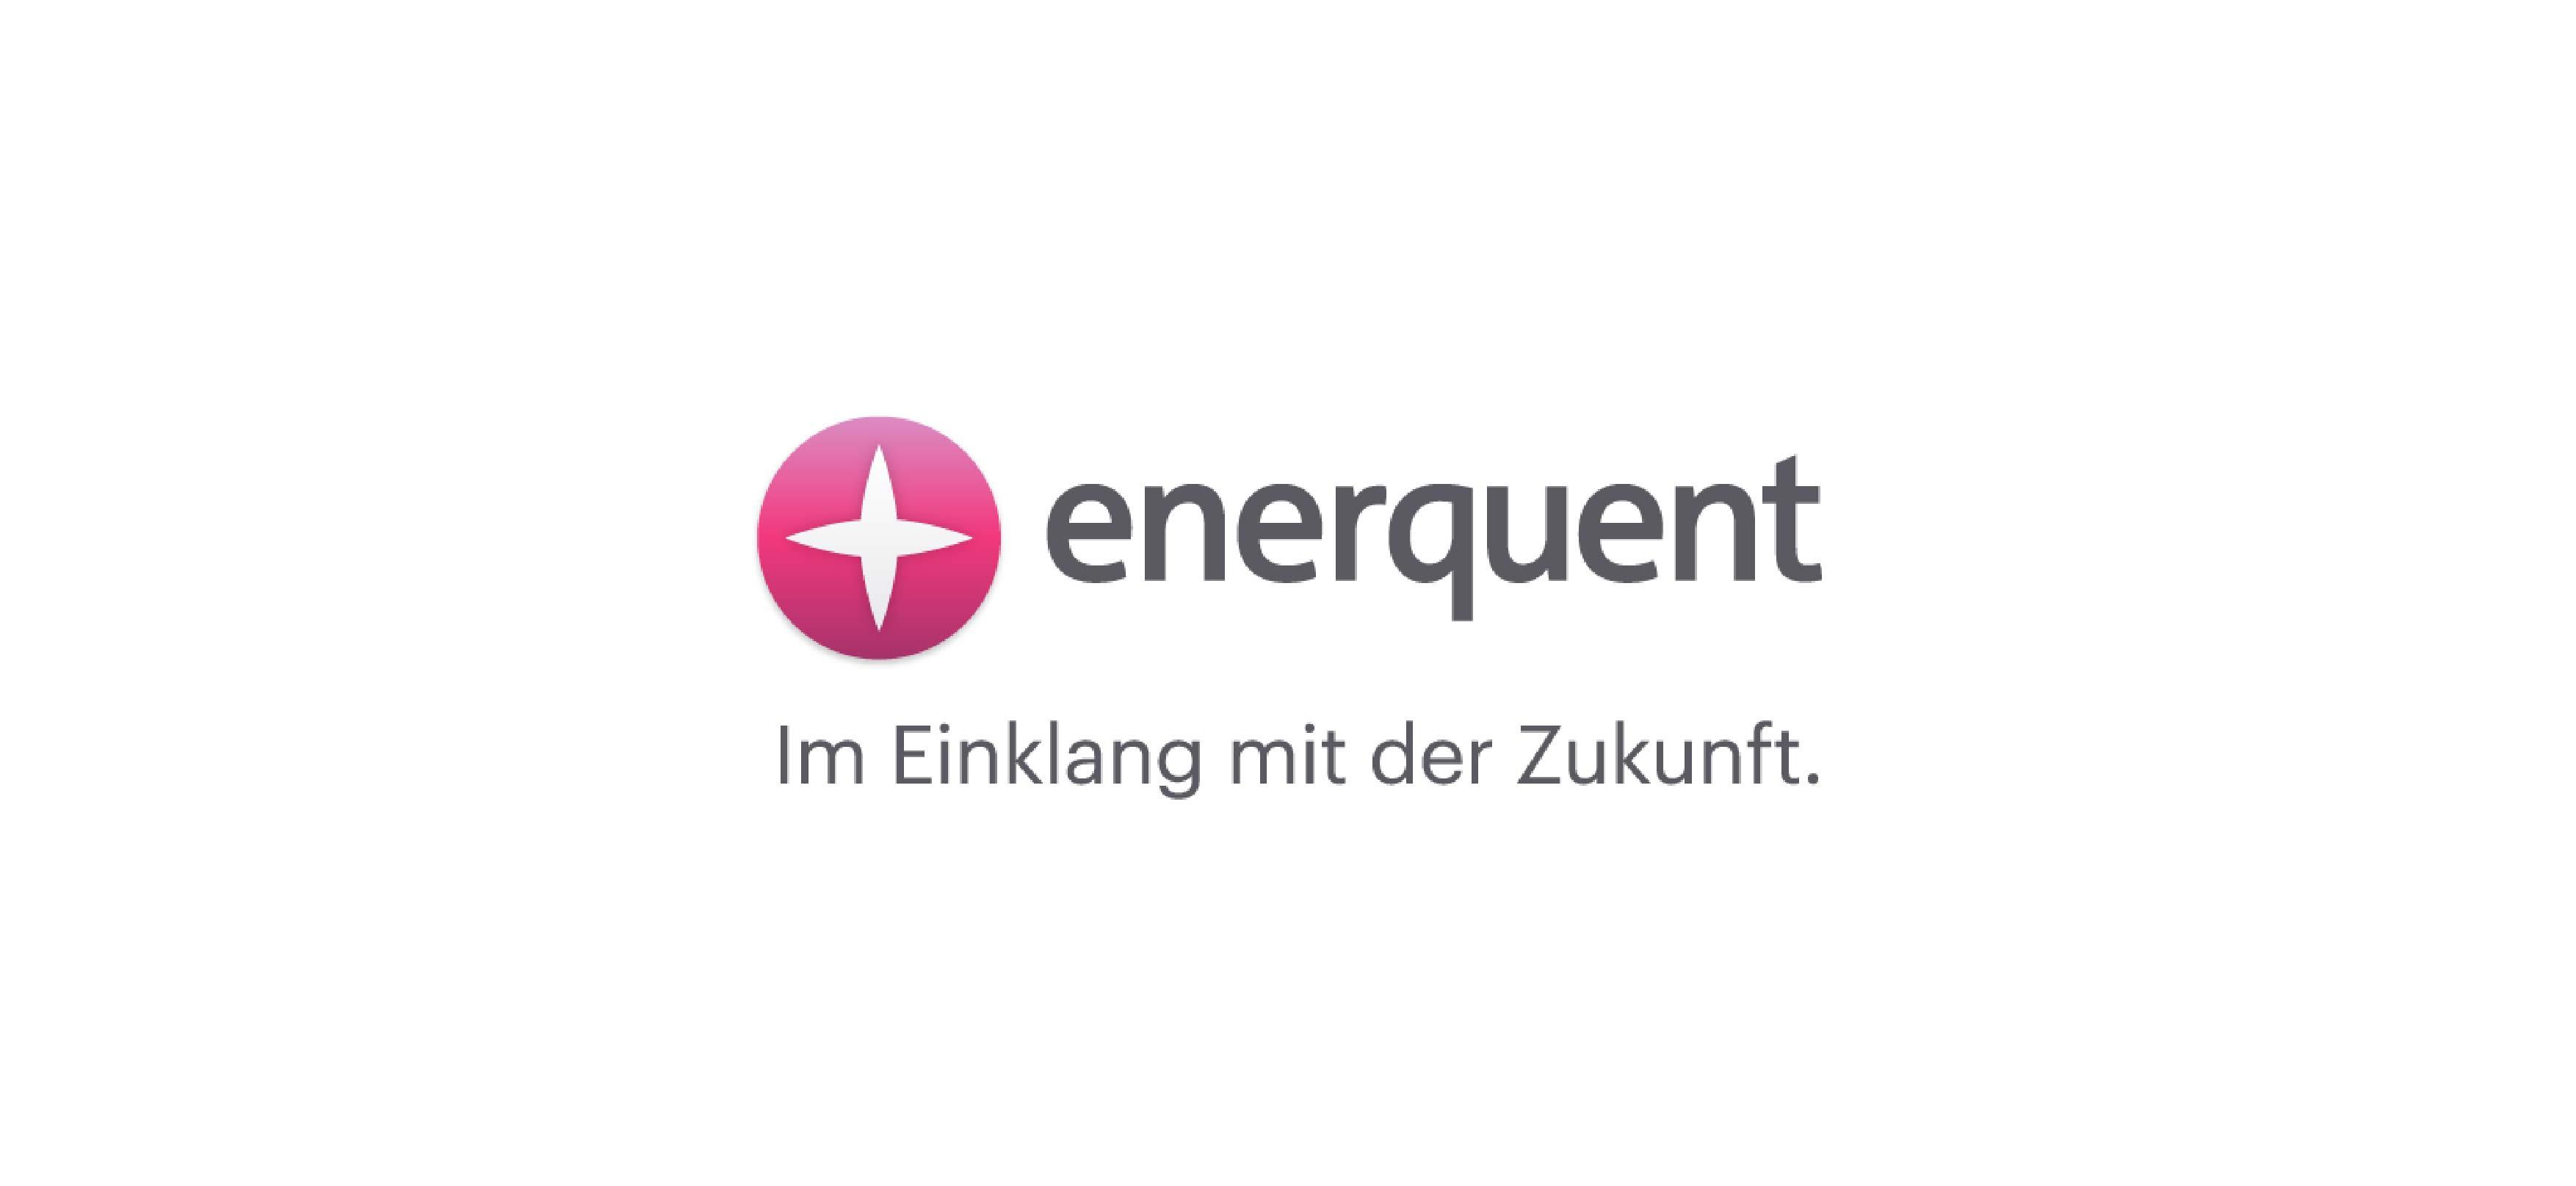 Energieauditor_Enerquent-05